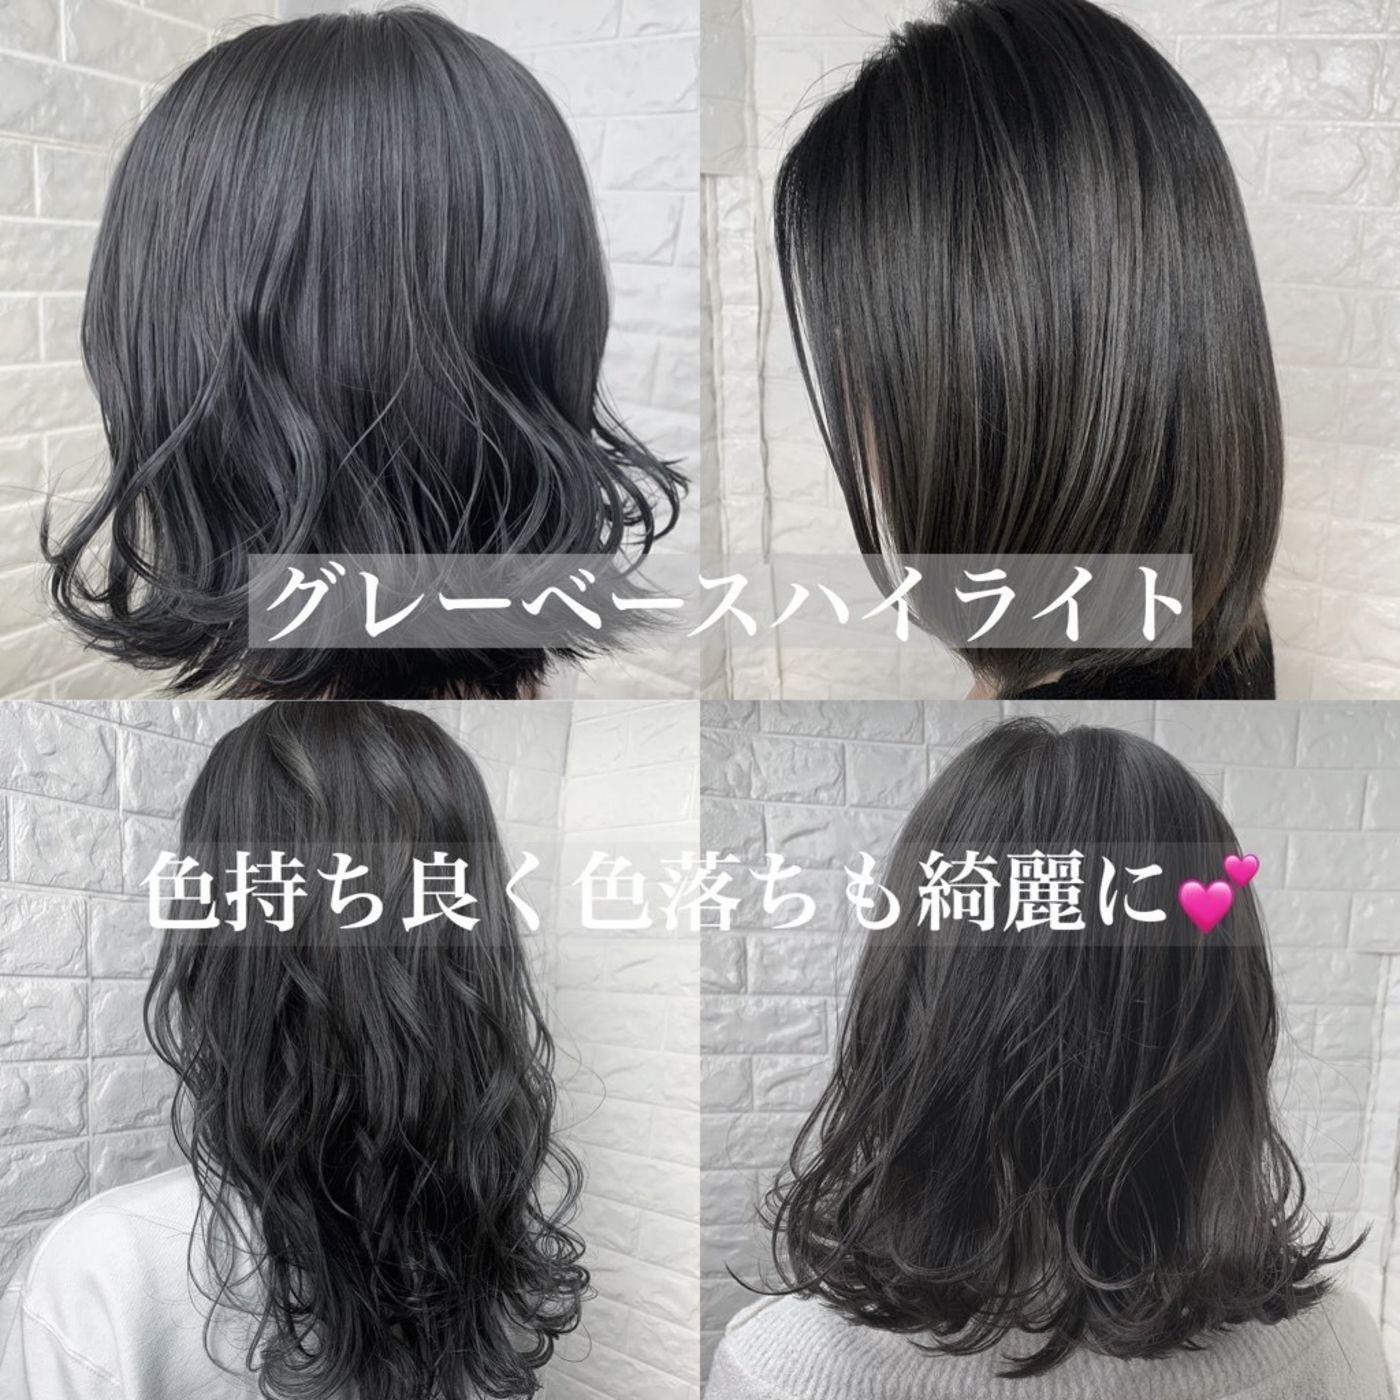 色落ちが早い、髪の毛を暗くしないといけない悩みはグレーベースのハイライトで解決♪